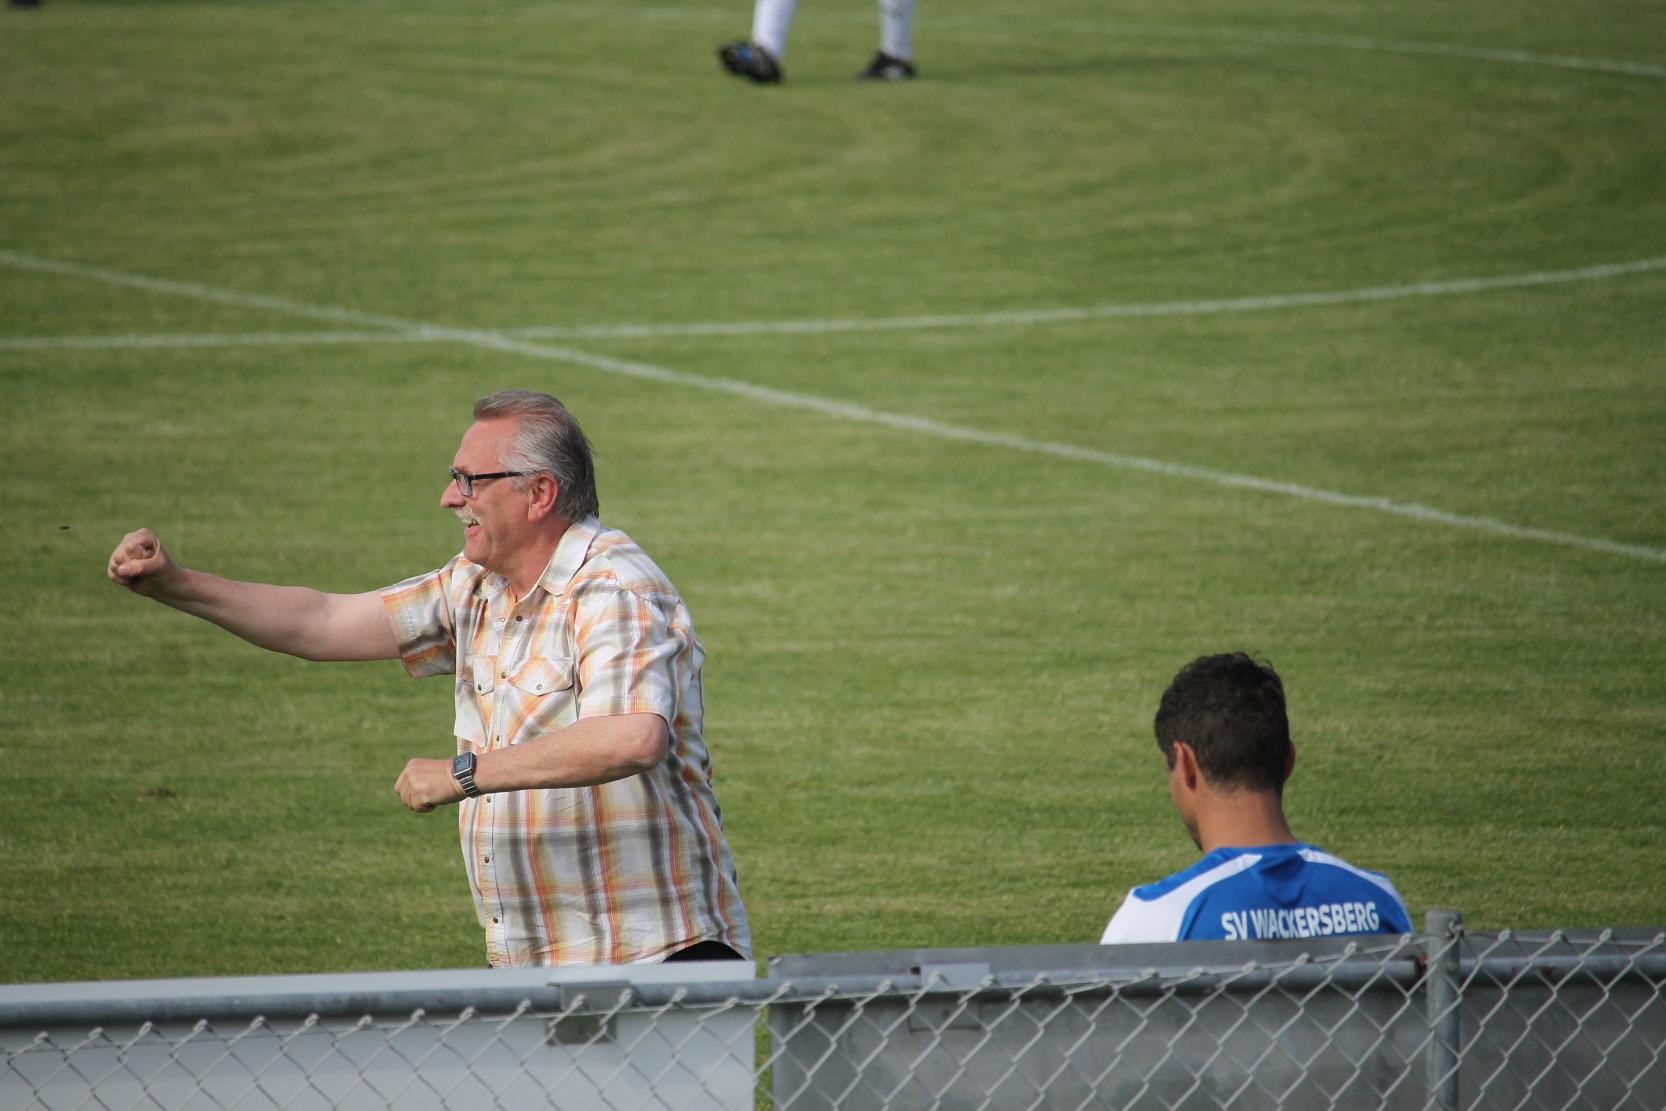 Gegen SV Wackersberg. Juni 2017